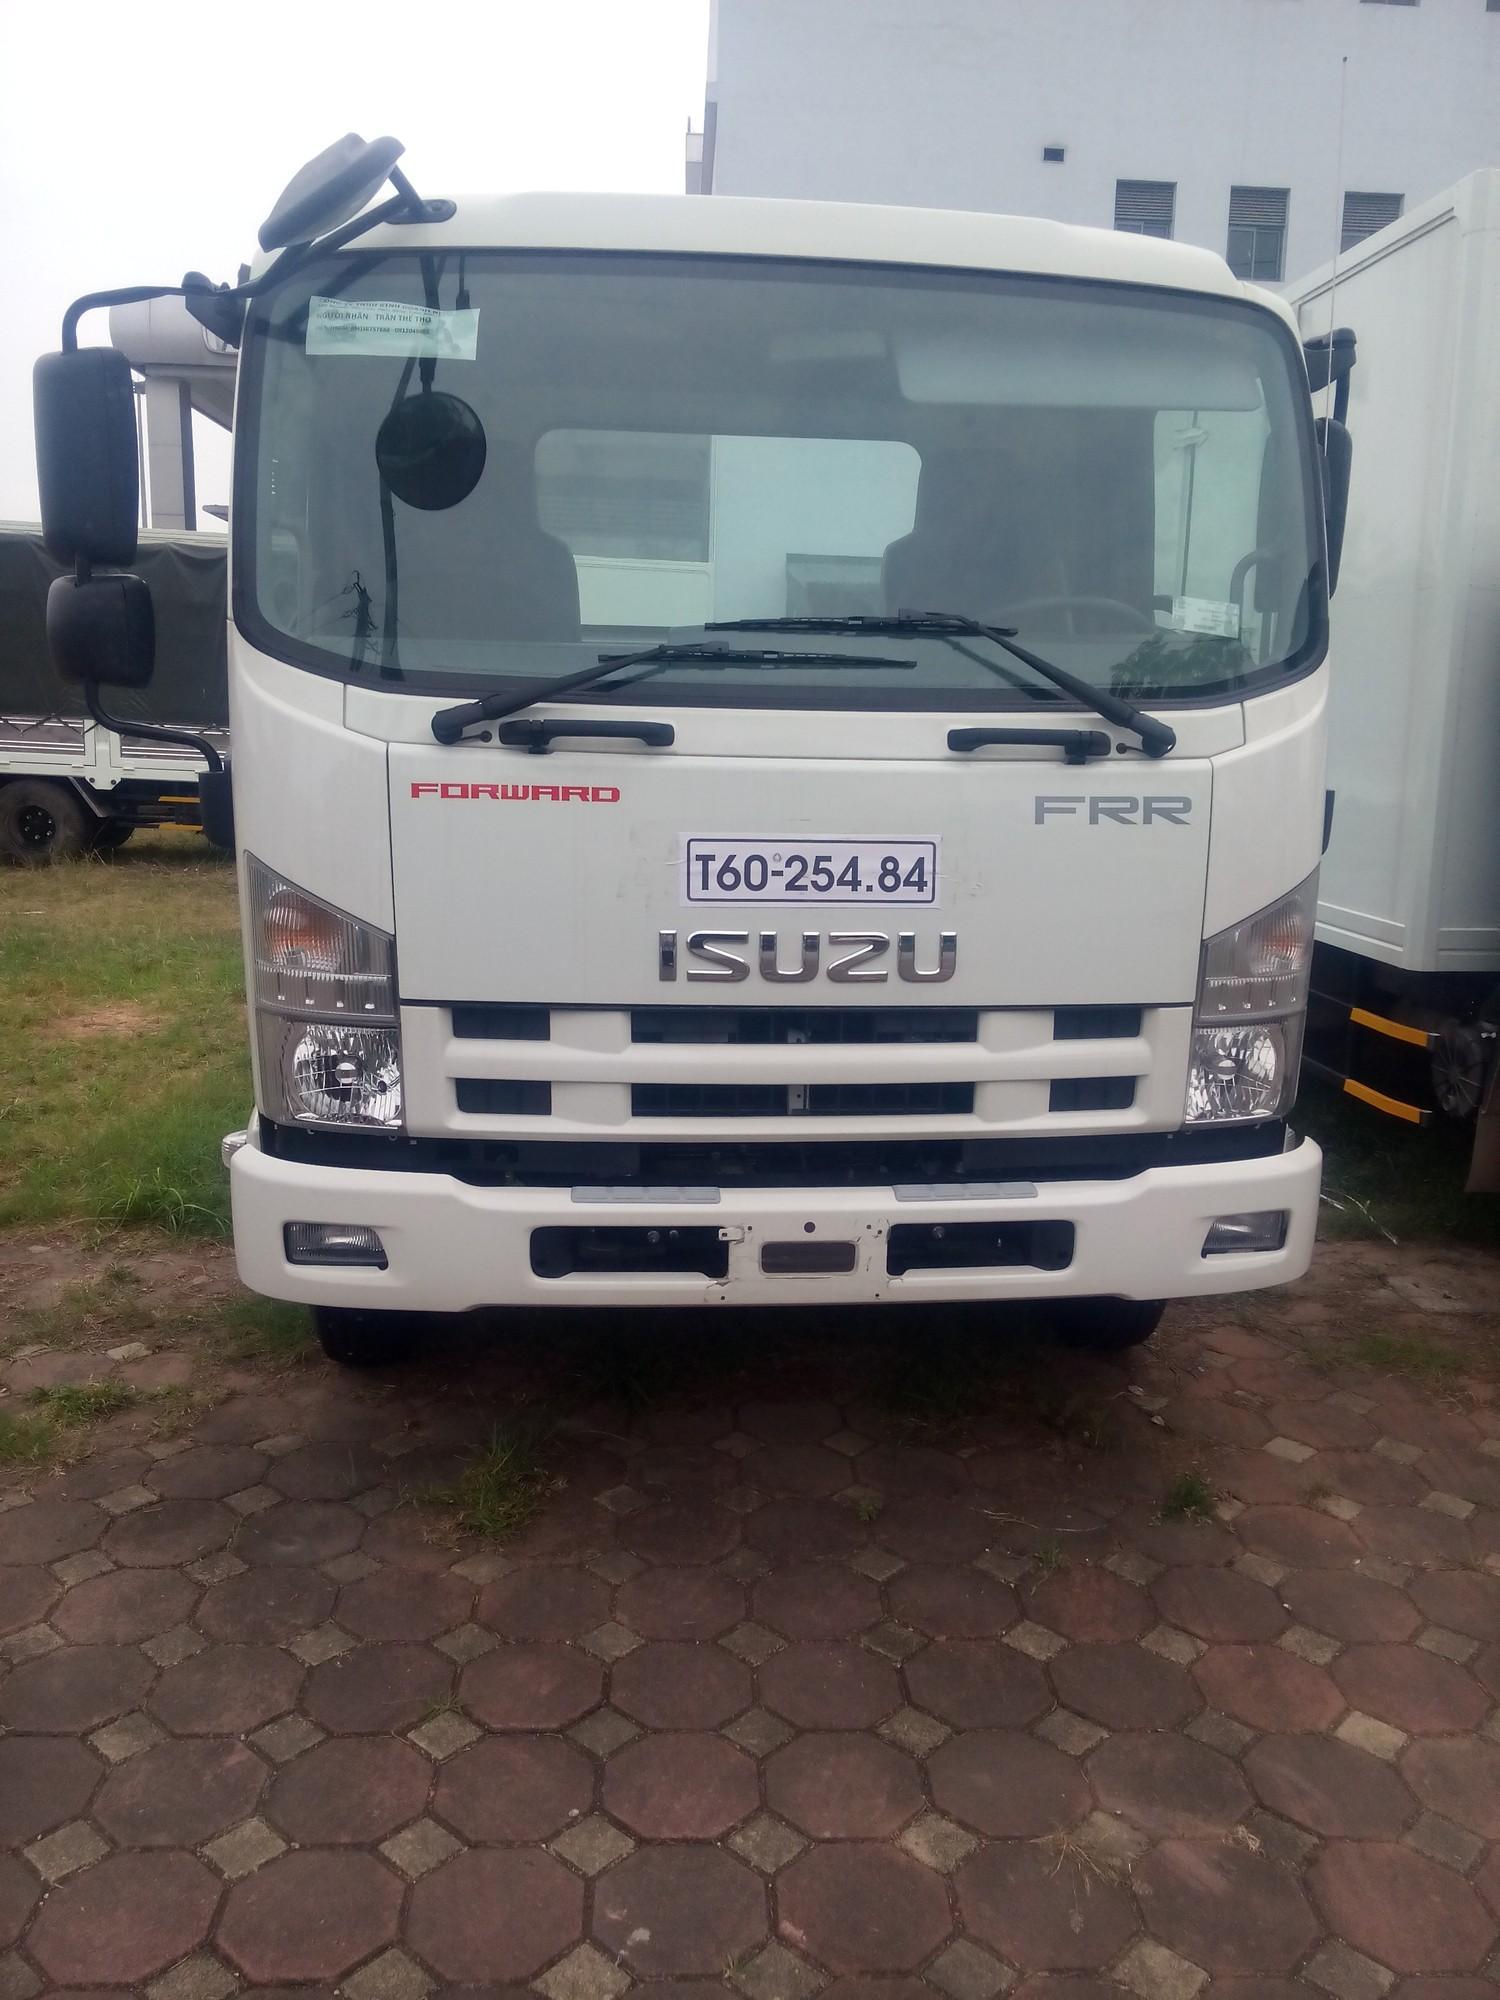 Giao liền xe khi mua xe tải isuzu 6,2 tấn chassi - Có sẵn xe tải isuzu 6,2 tấn chassi